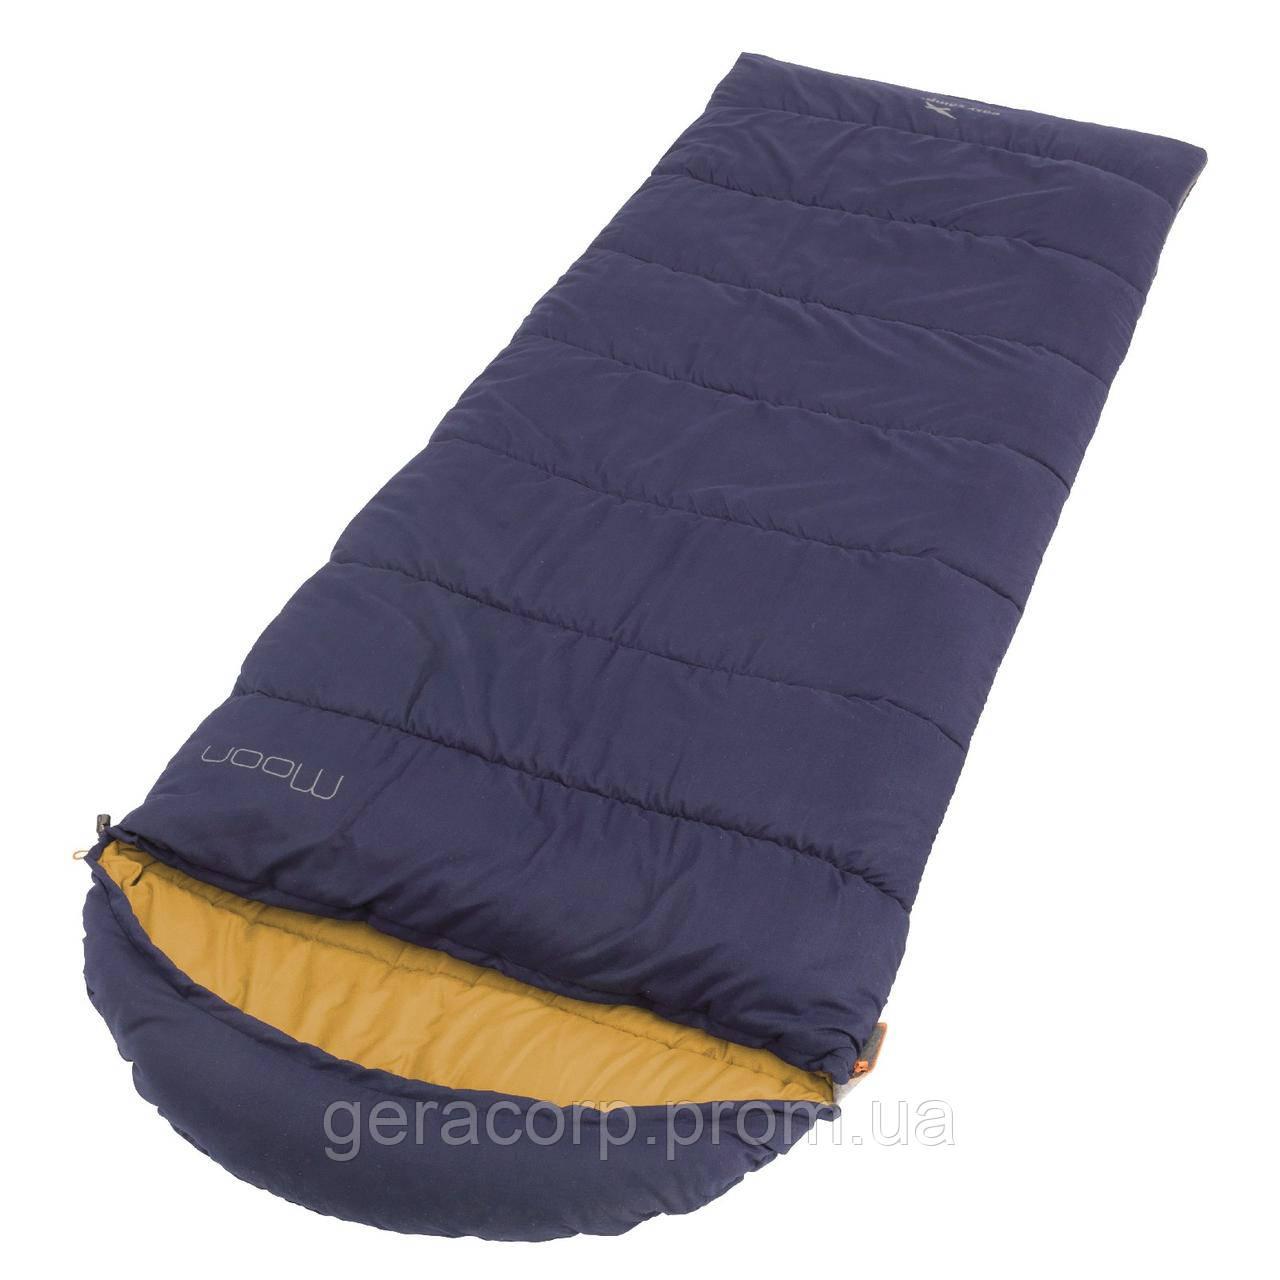 Спальный мешок Easy Camp Moon/+2°C Blue (Left)